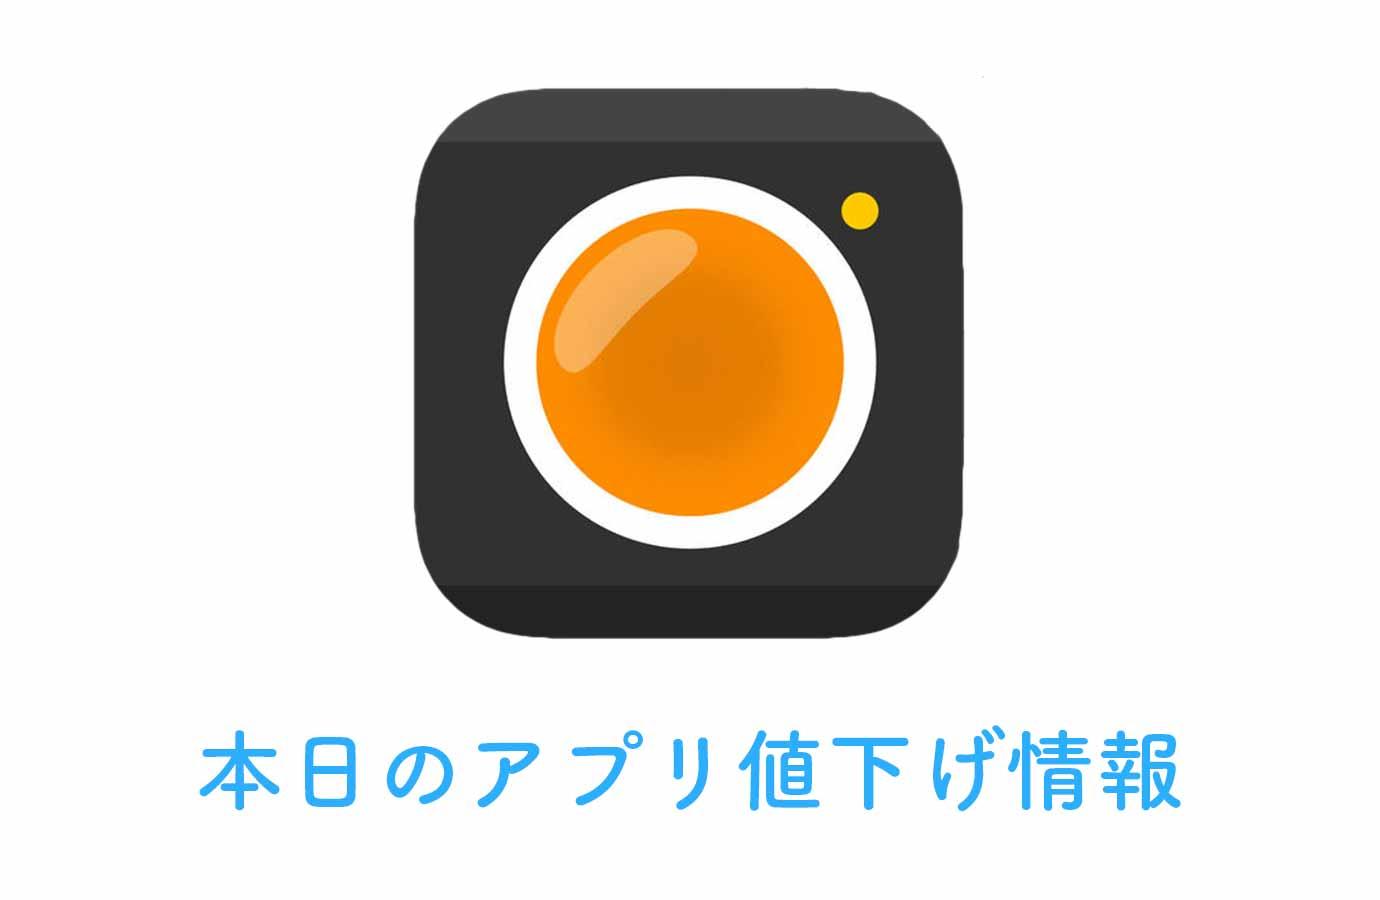 600円→360円!最大32メガピクセルの高解像度写真が撮れるカメラアプリ「Hydra」など【11/29】アプリ値下げ情報